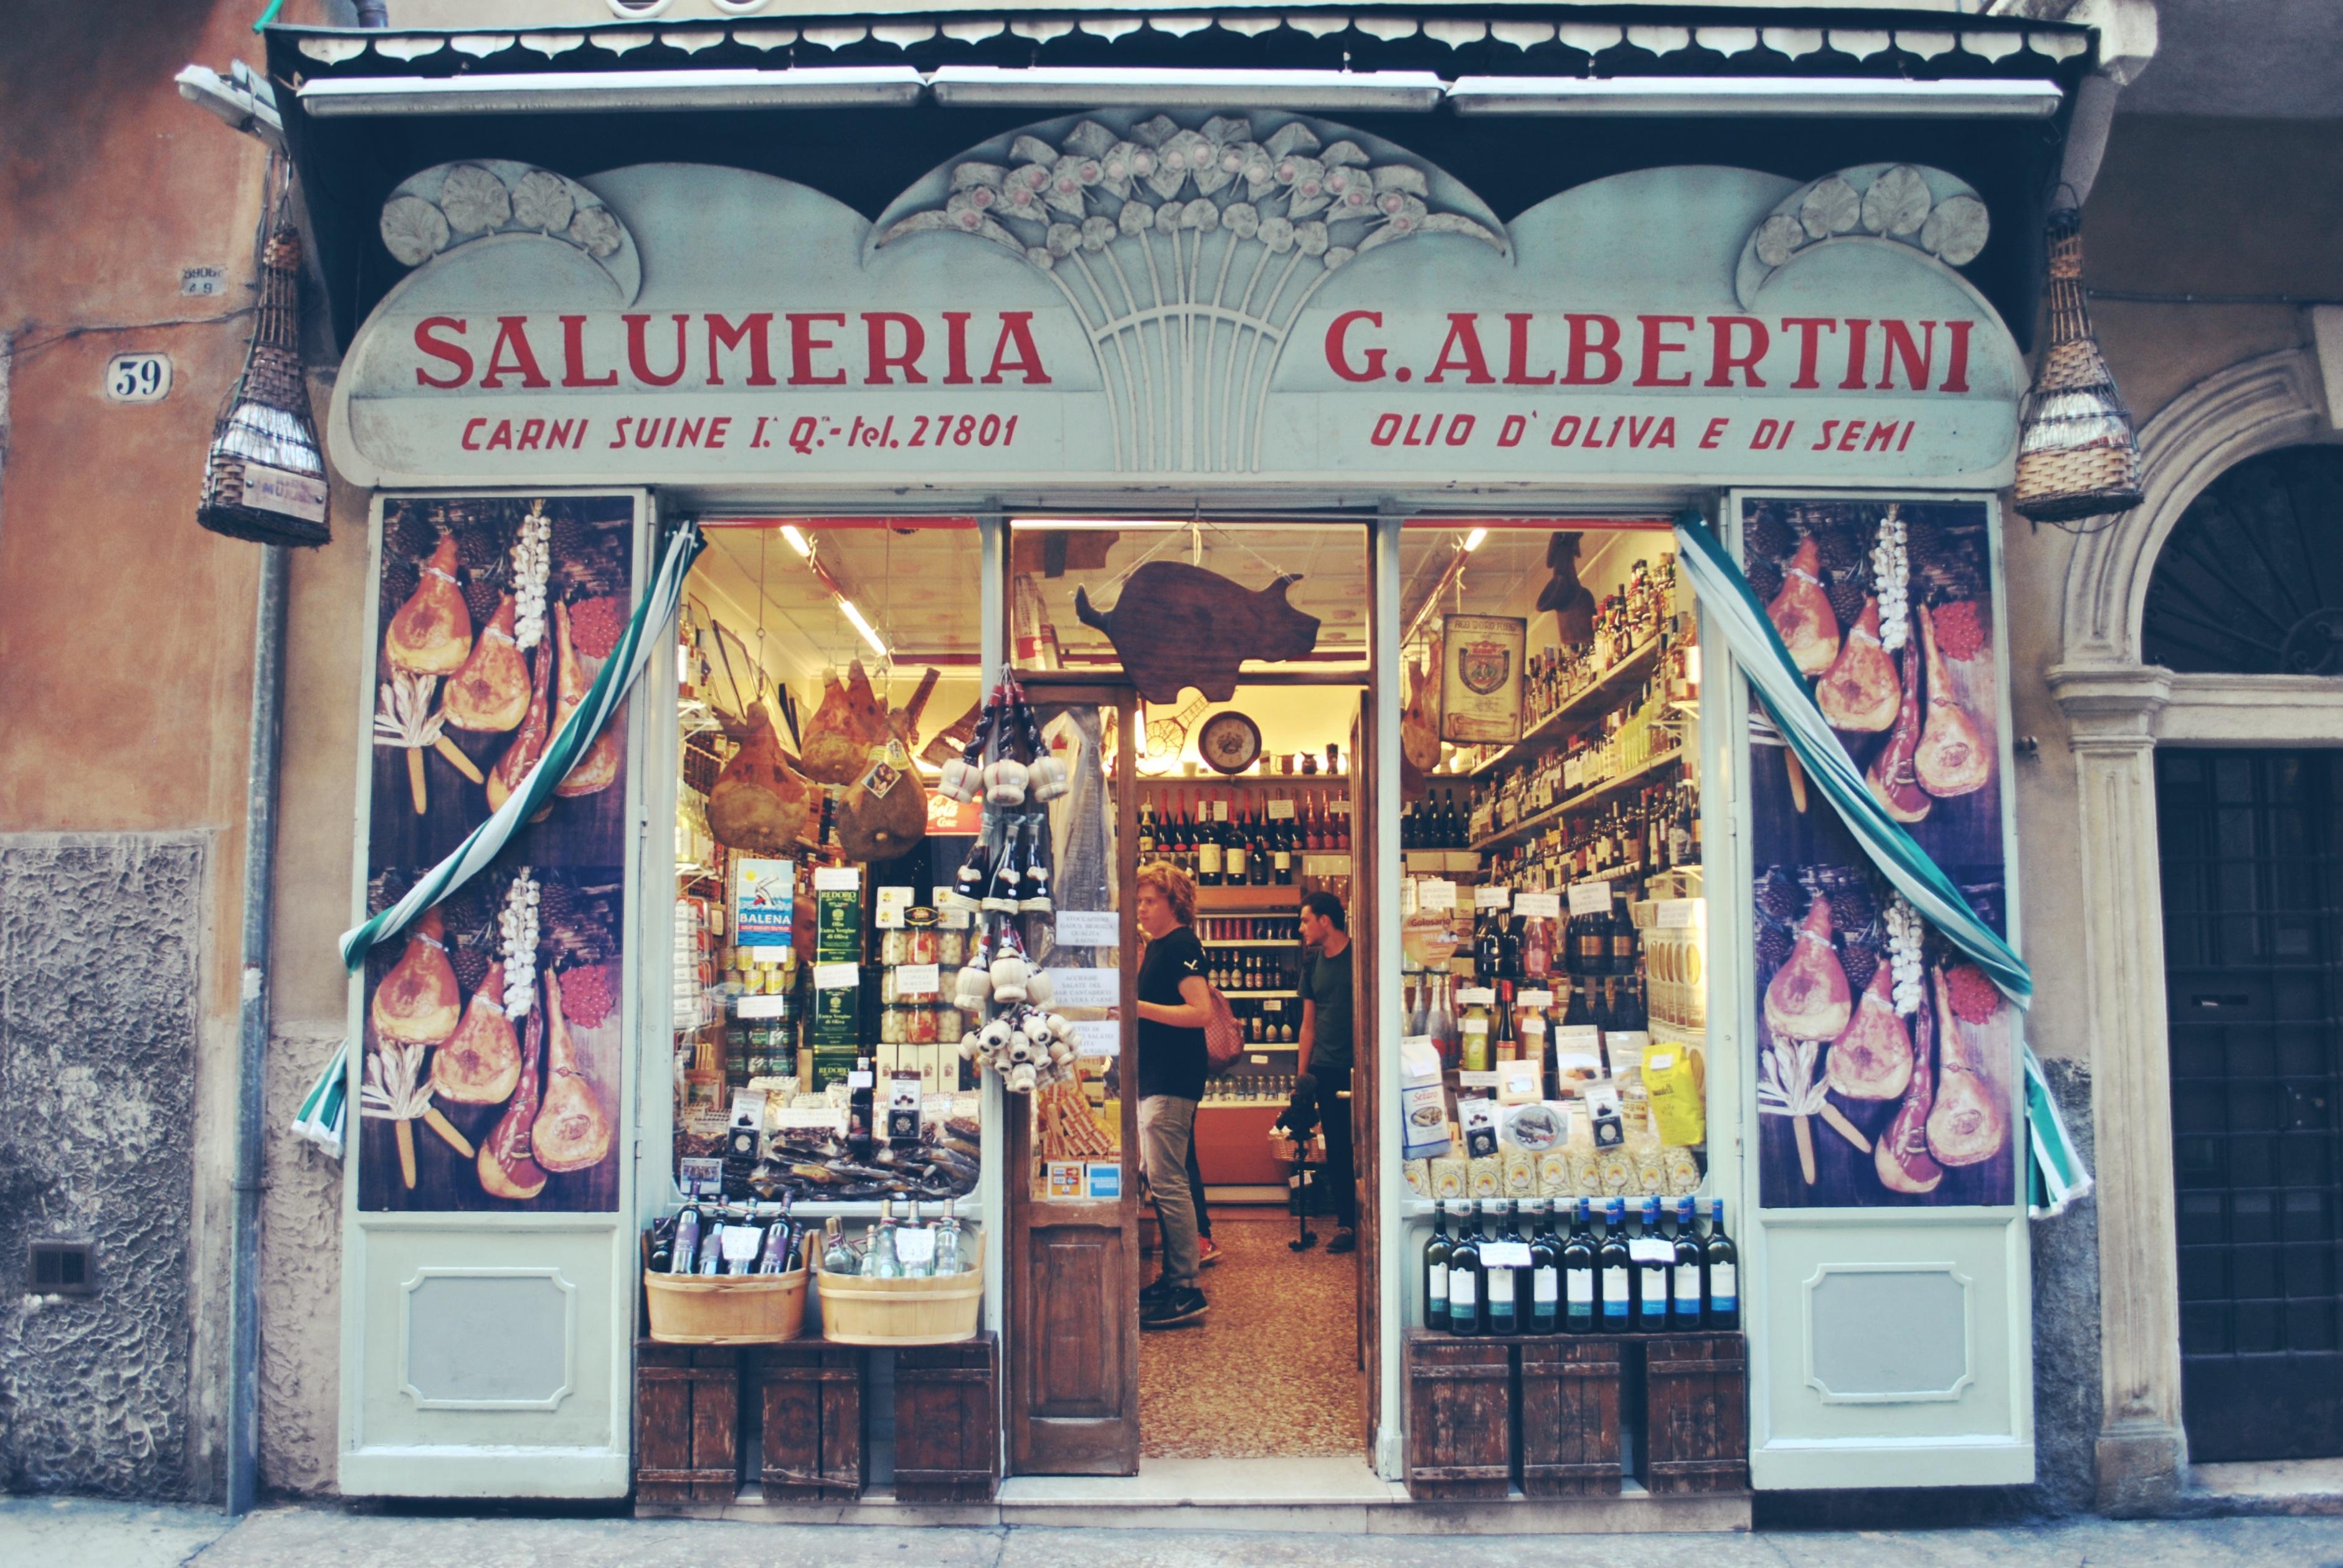 Salumeria G. Albertini 1